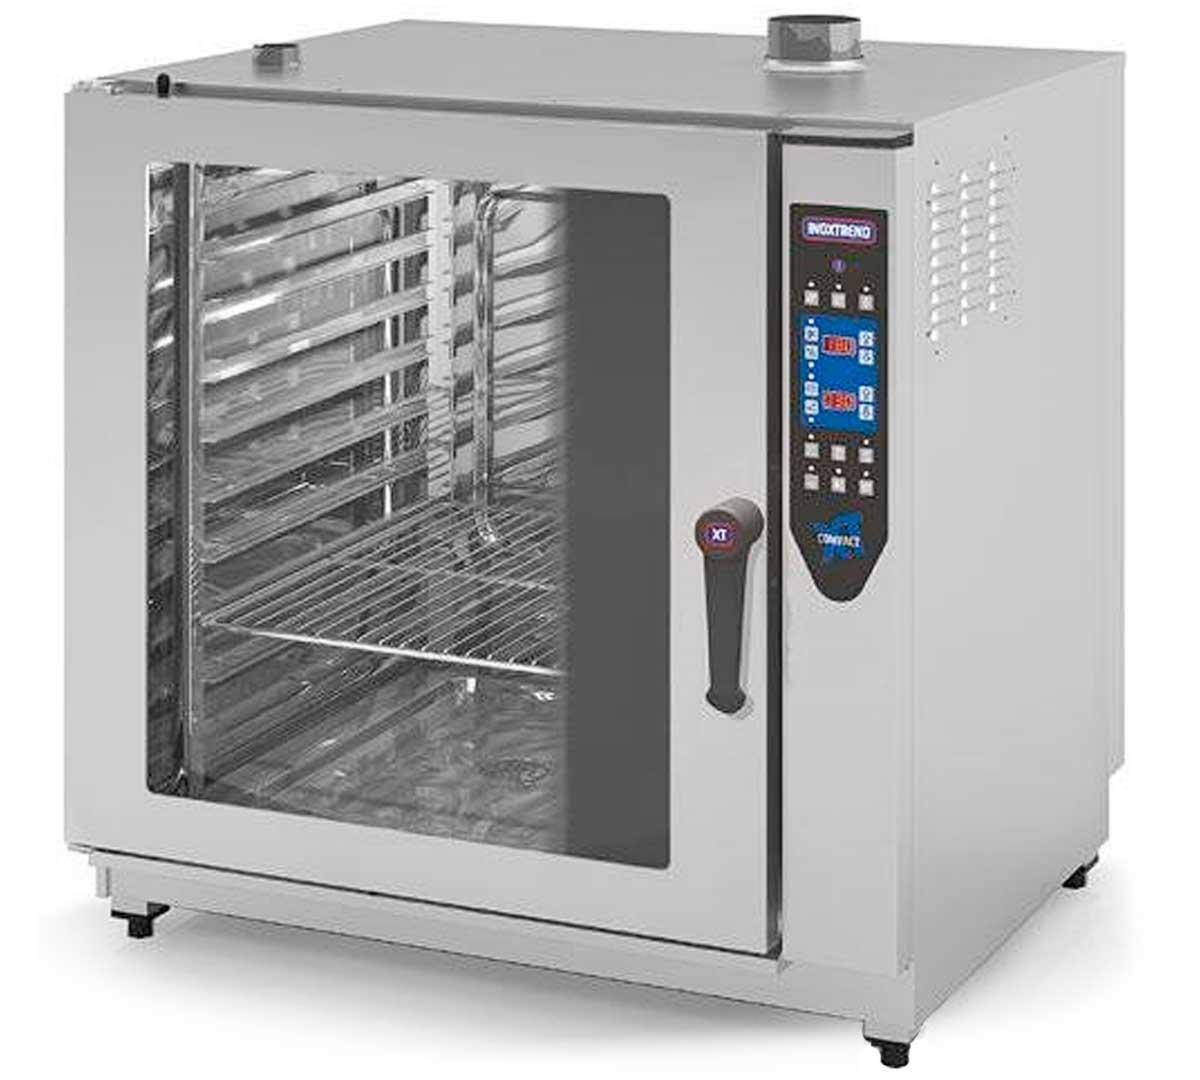 Horno mixto serie compact electr nico cde e de inoxtrend for Medidas de hornos electricos